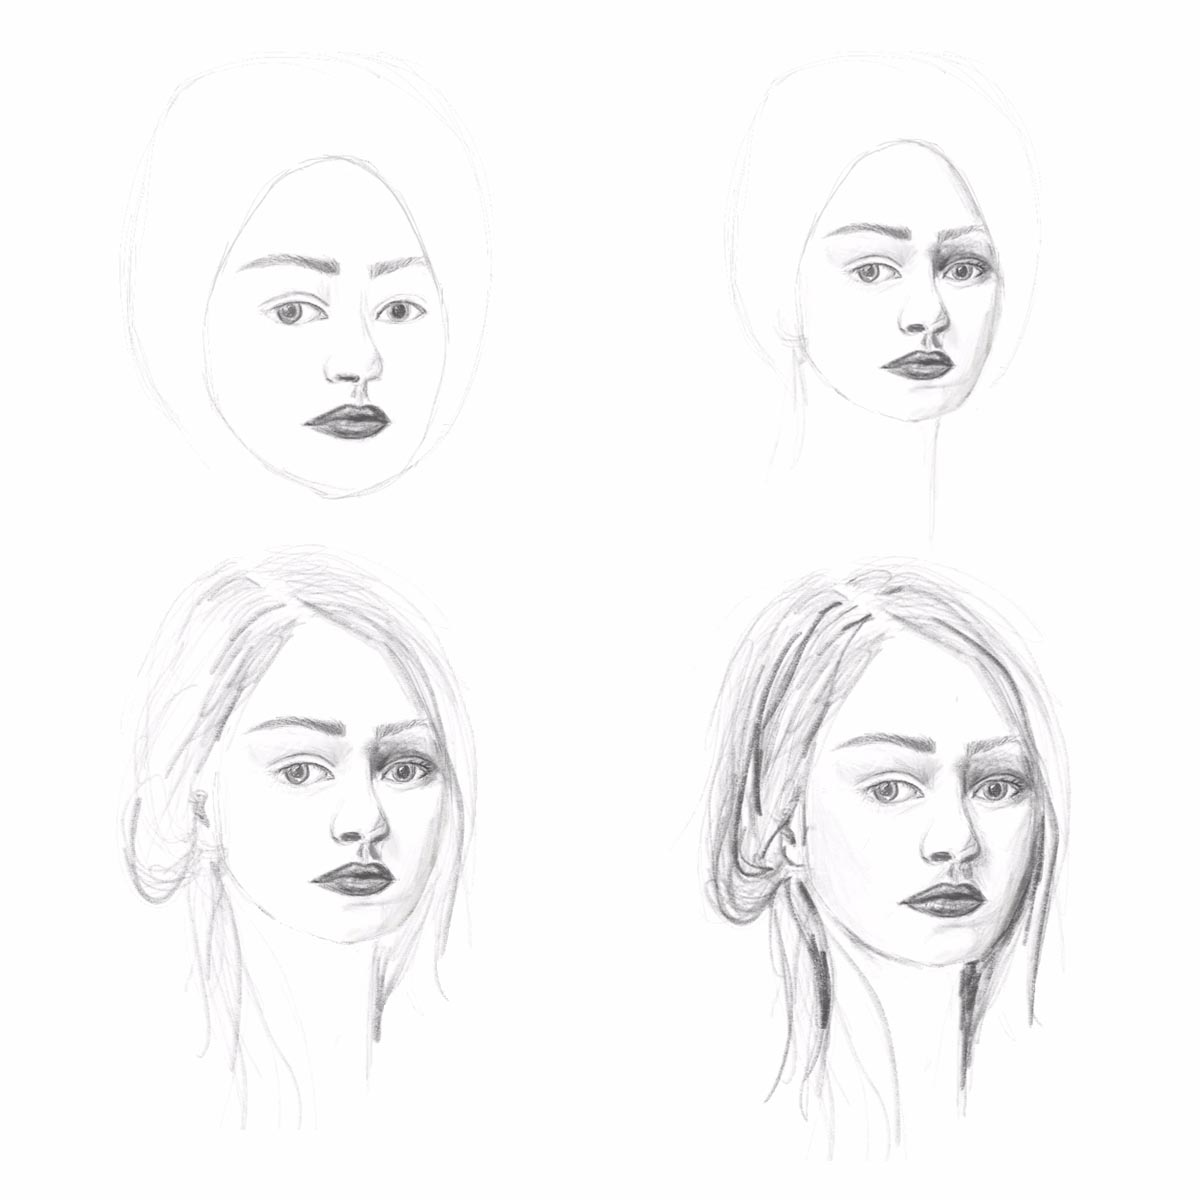 In 5 Schritten Gesichter Zeichnen Lernen Hermine On Walk